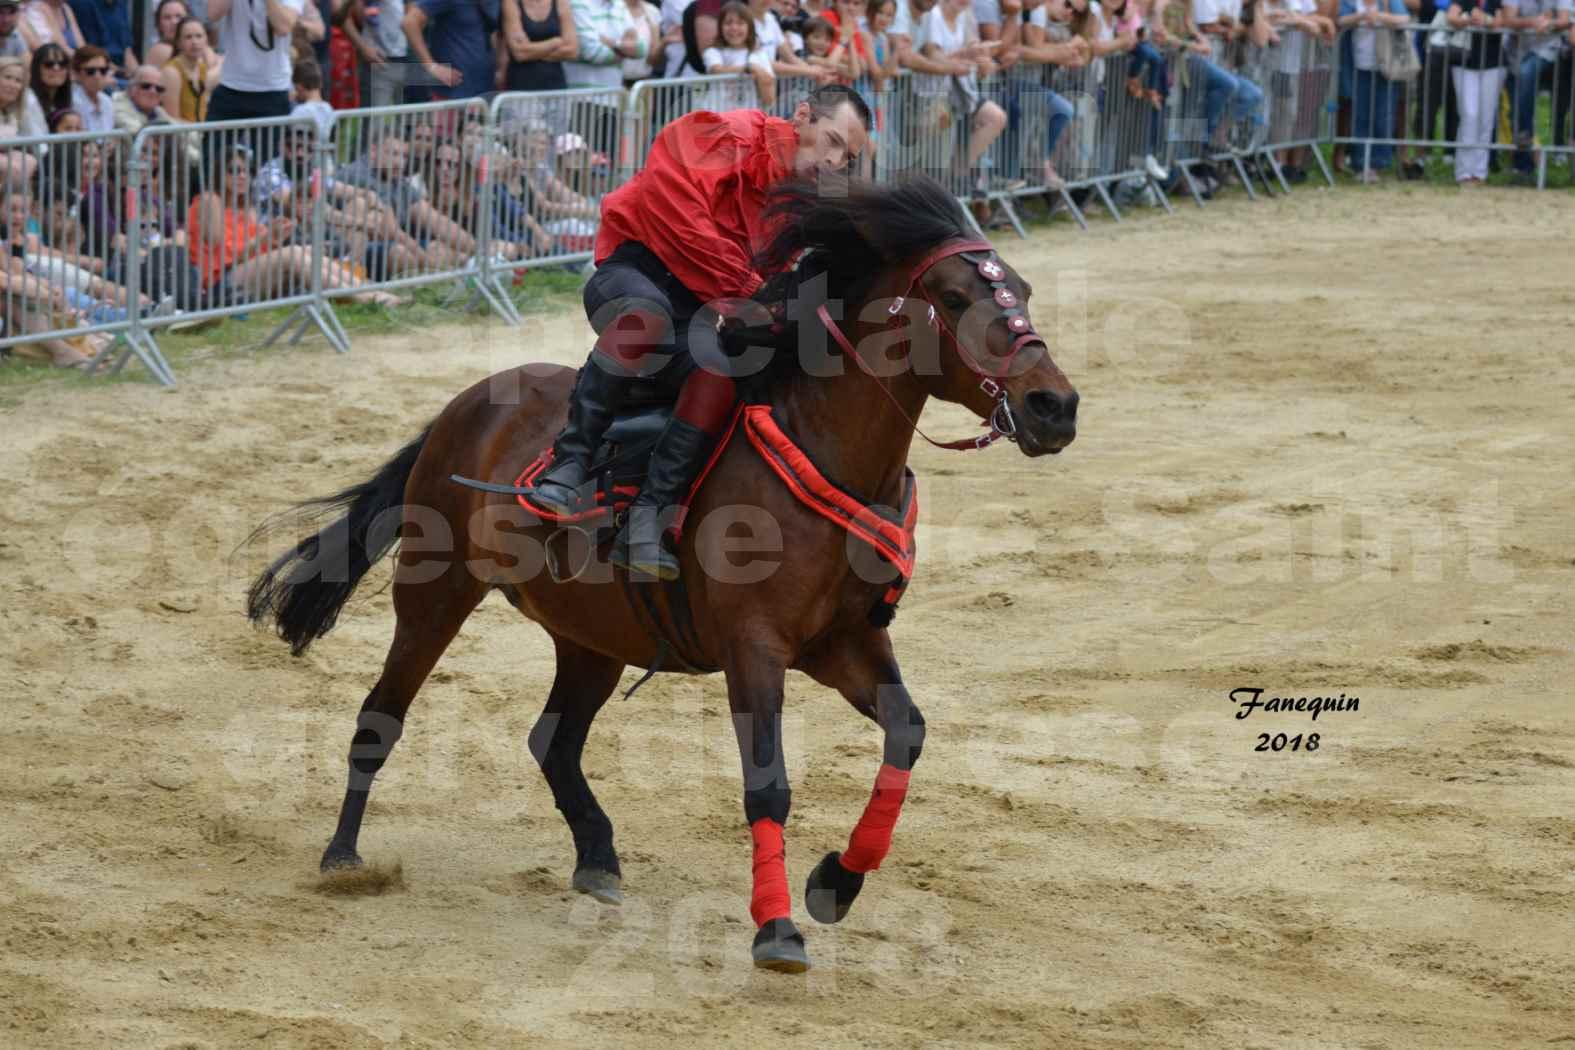 Spectacle Équestre le 3 juin 2018 à Saint Gély du Fesc - Voltige équestre - Troupe de Jean Antoine FIRMIN - 64